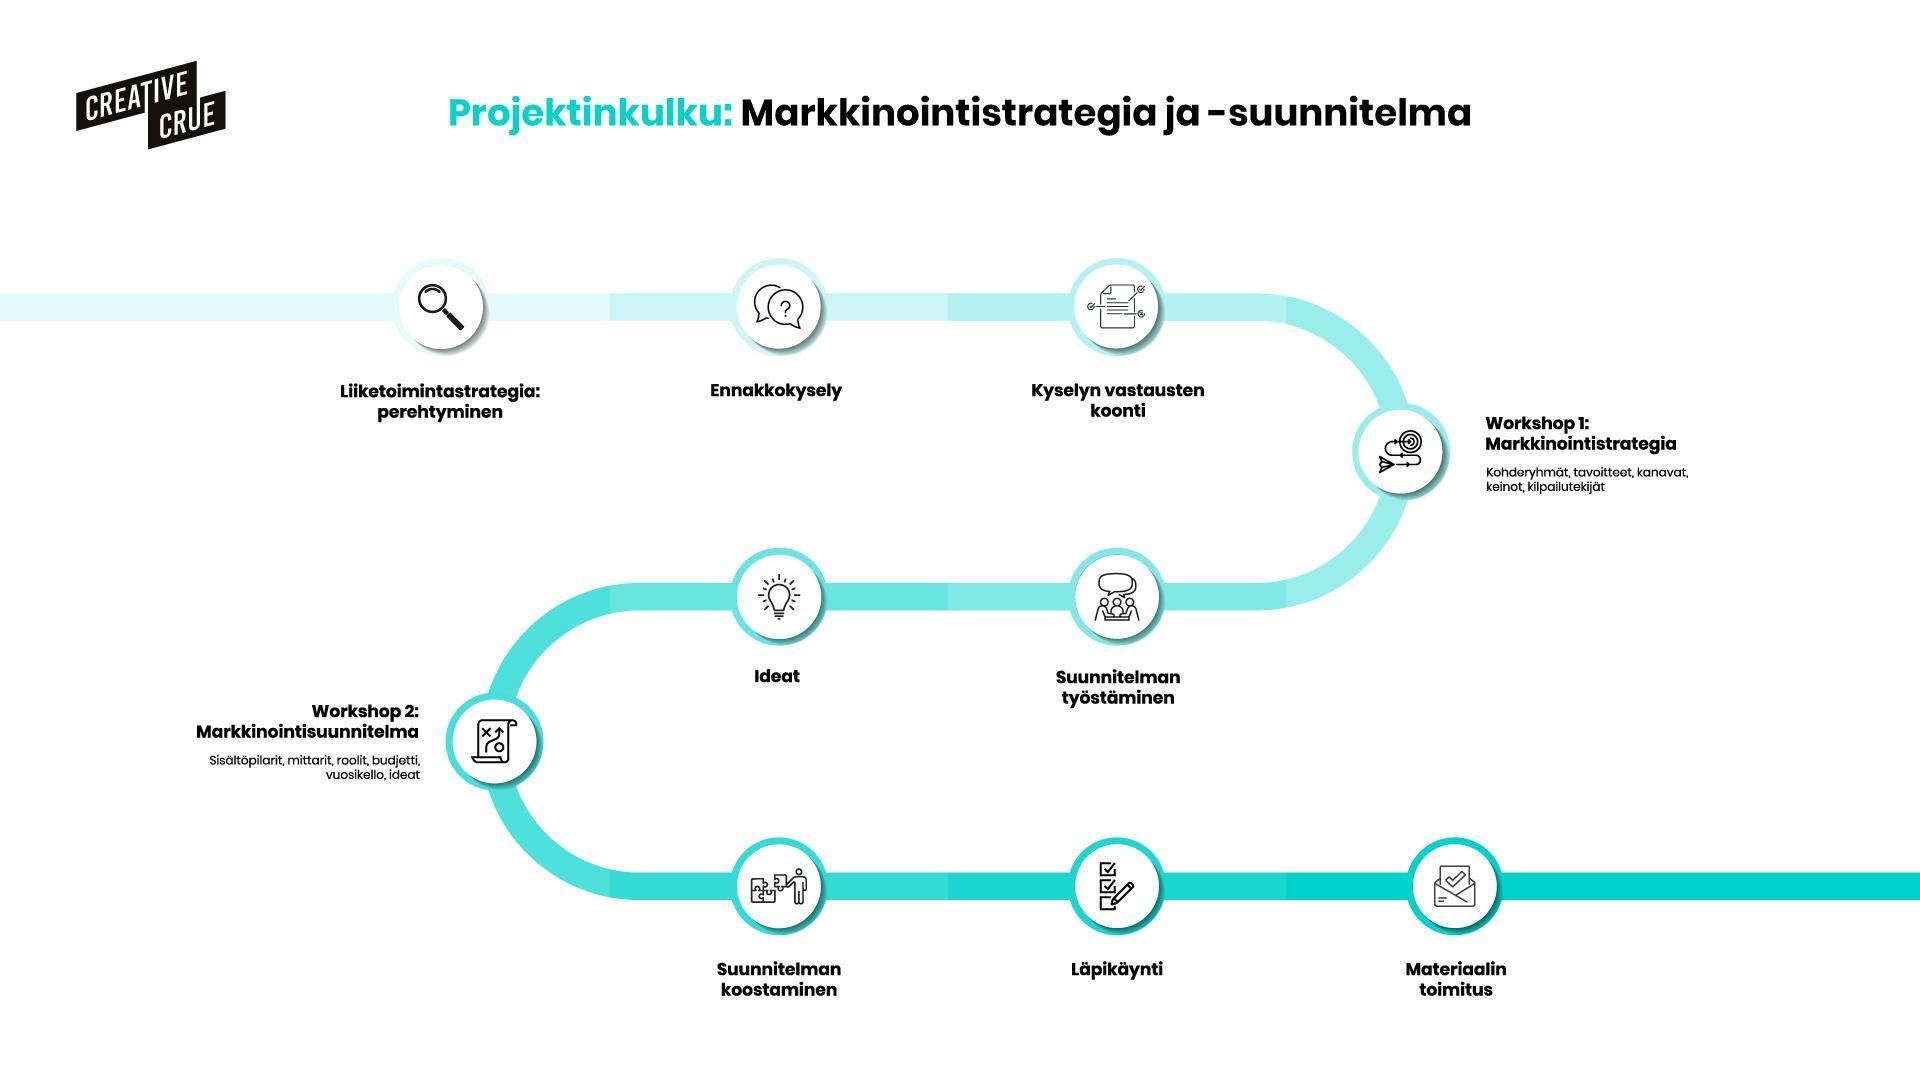 Projektinkulun kuvaus markkinointistrategian ja -suunnitelman luomisesta